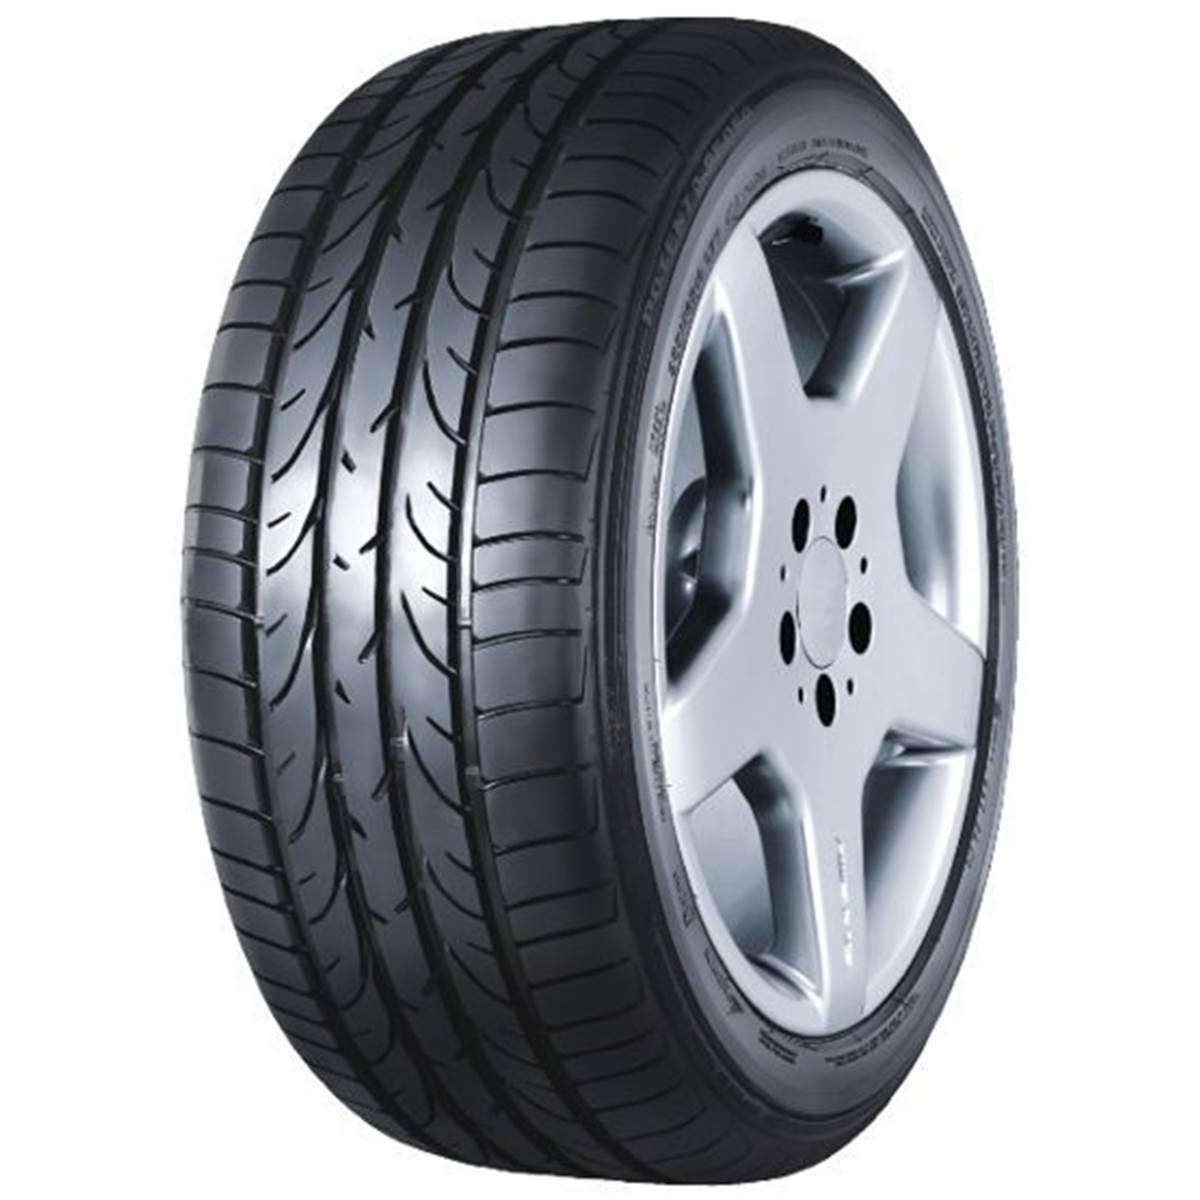 Pneu Bridgestone 255/40R18 99Y Potenza Re050 XL